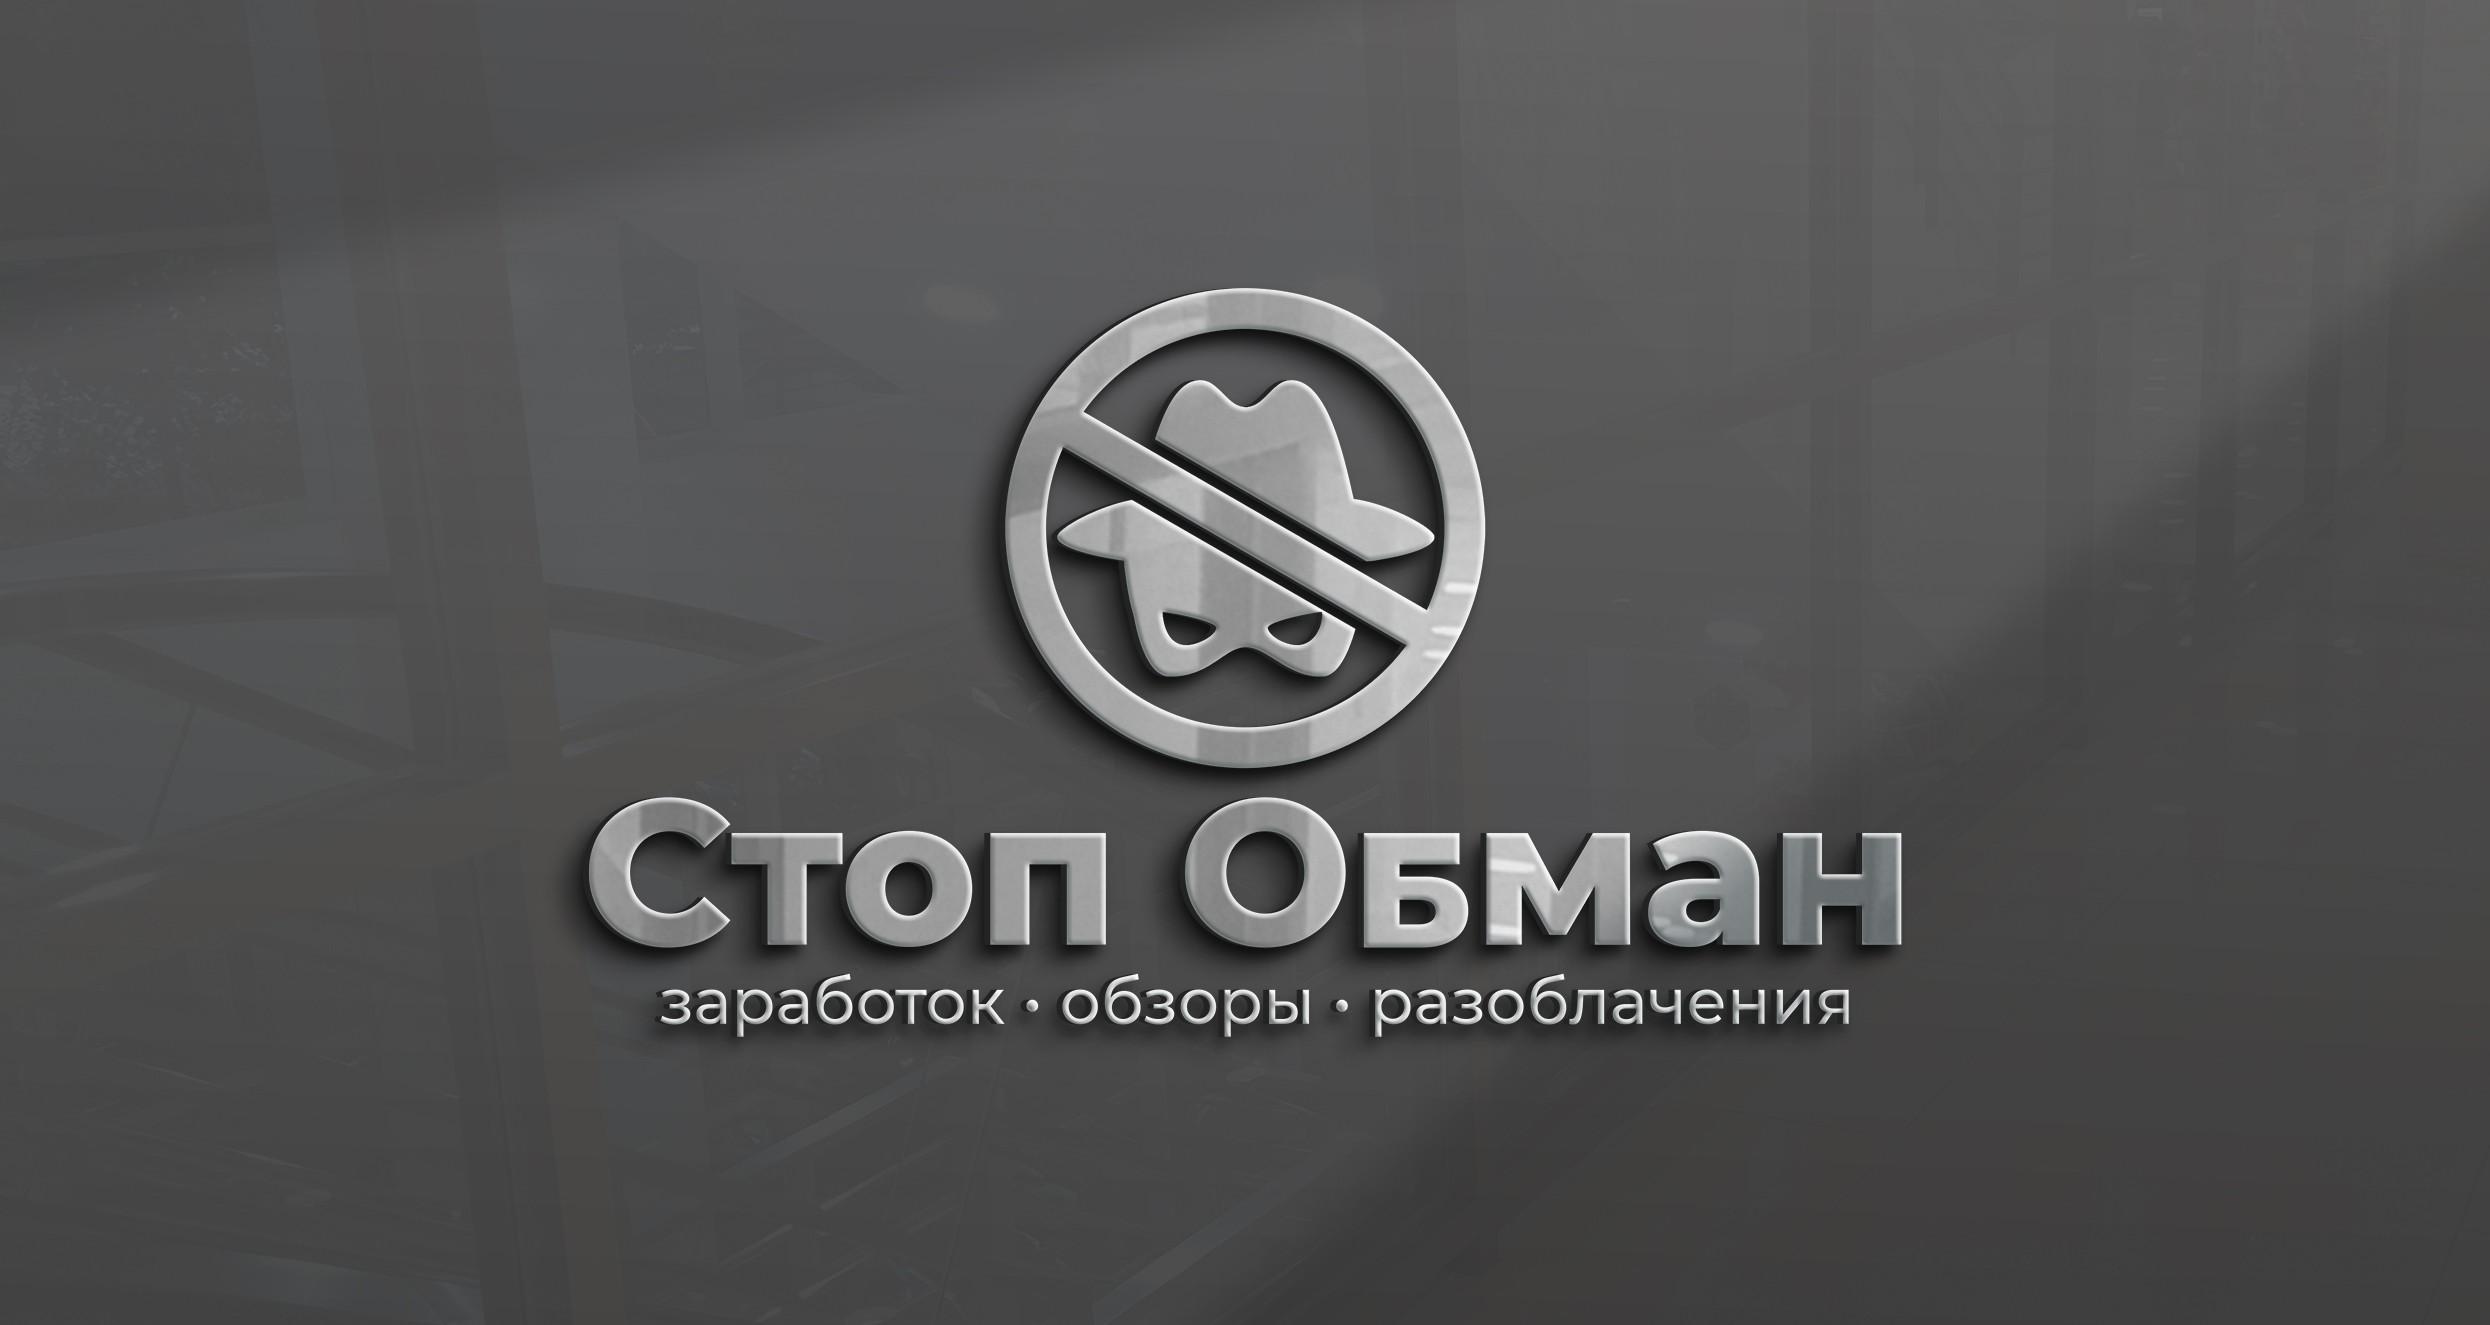 Лого Стоп Обман